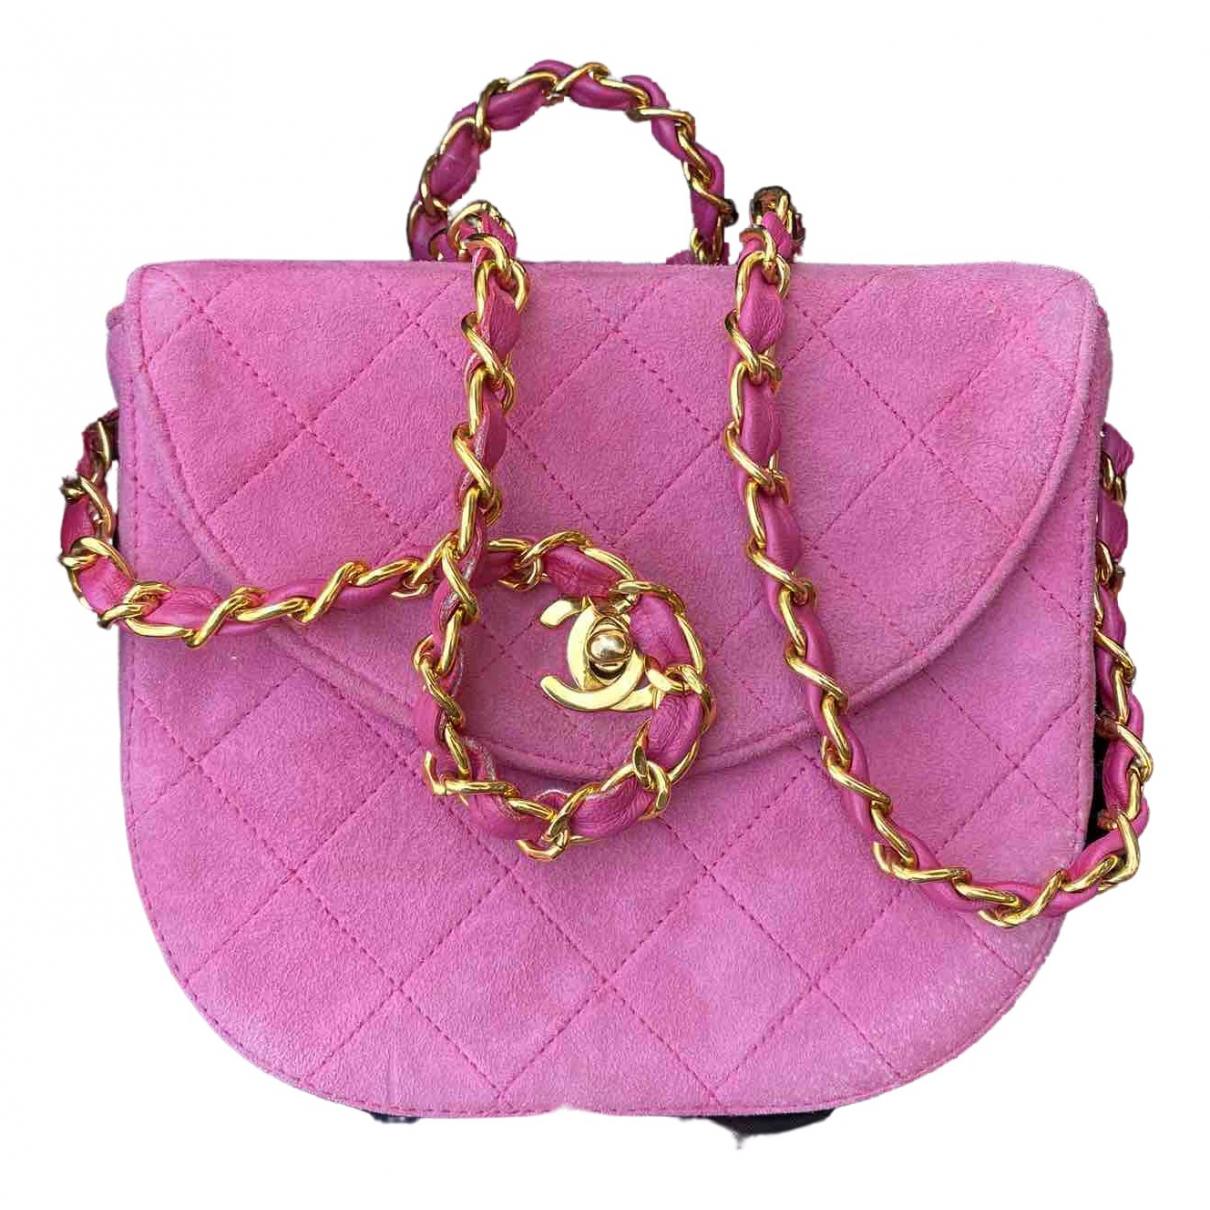 Chanel - Sac a main Timeless/Classique pour femme en suede - rose